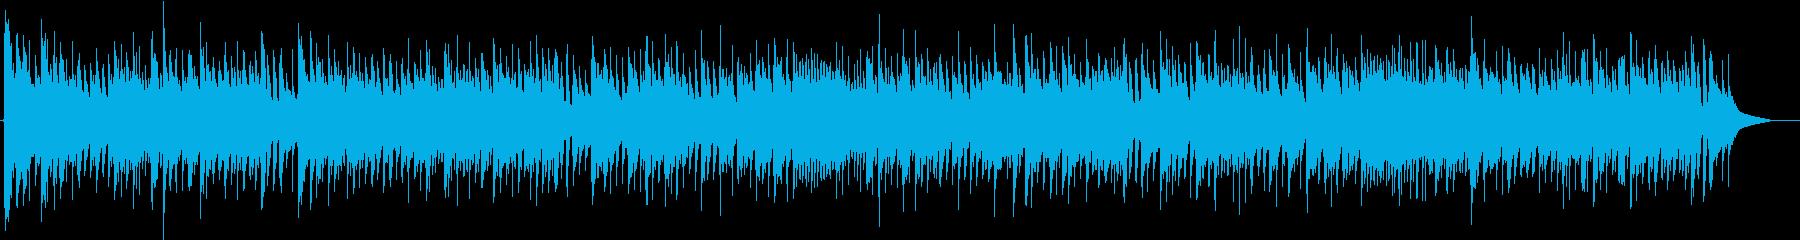 結婚式バッハメヌエット116ソフトロックの再生済みの波形